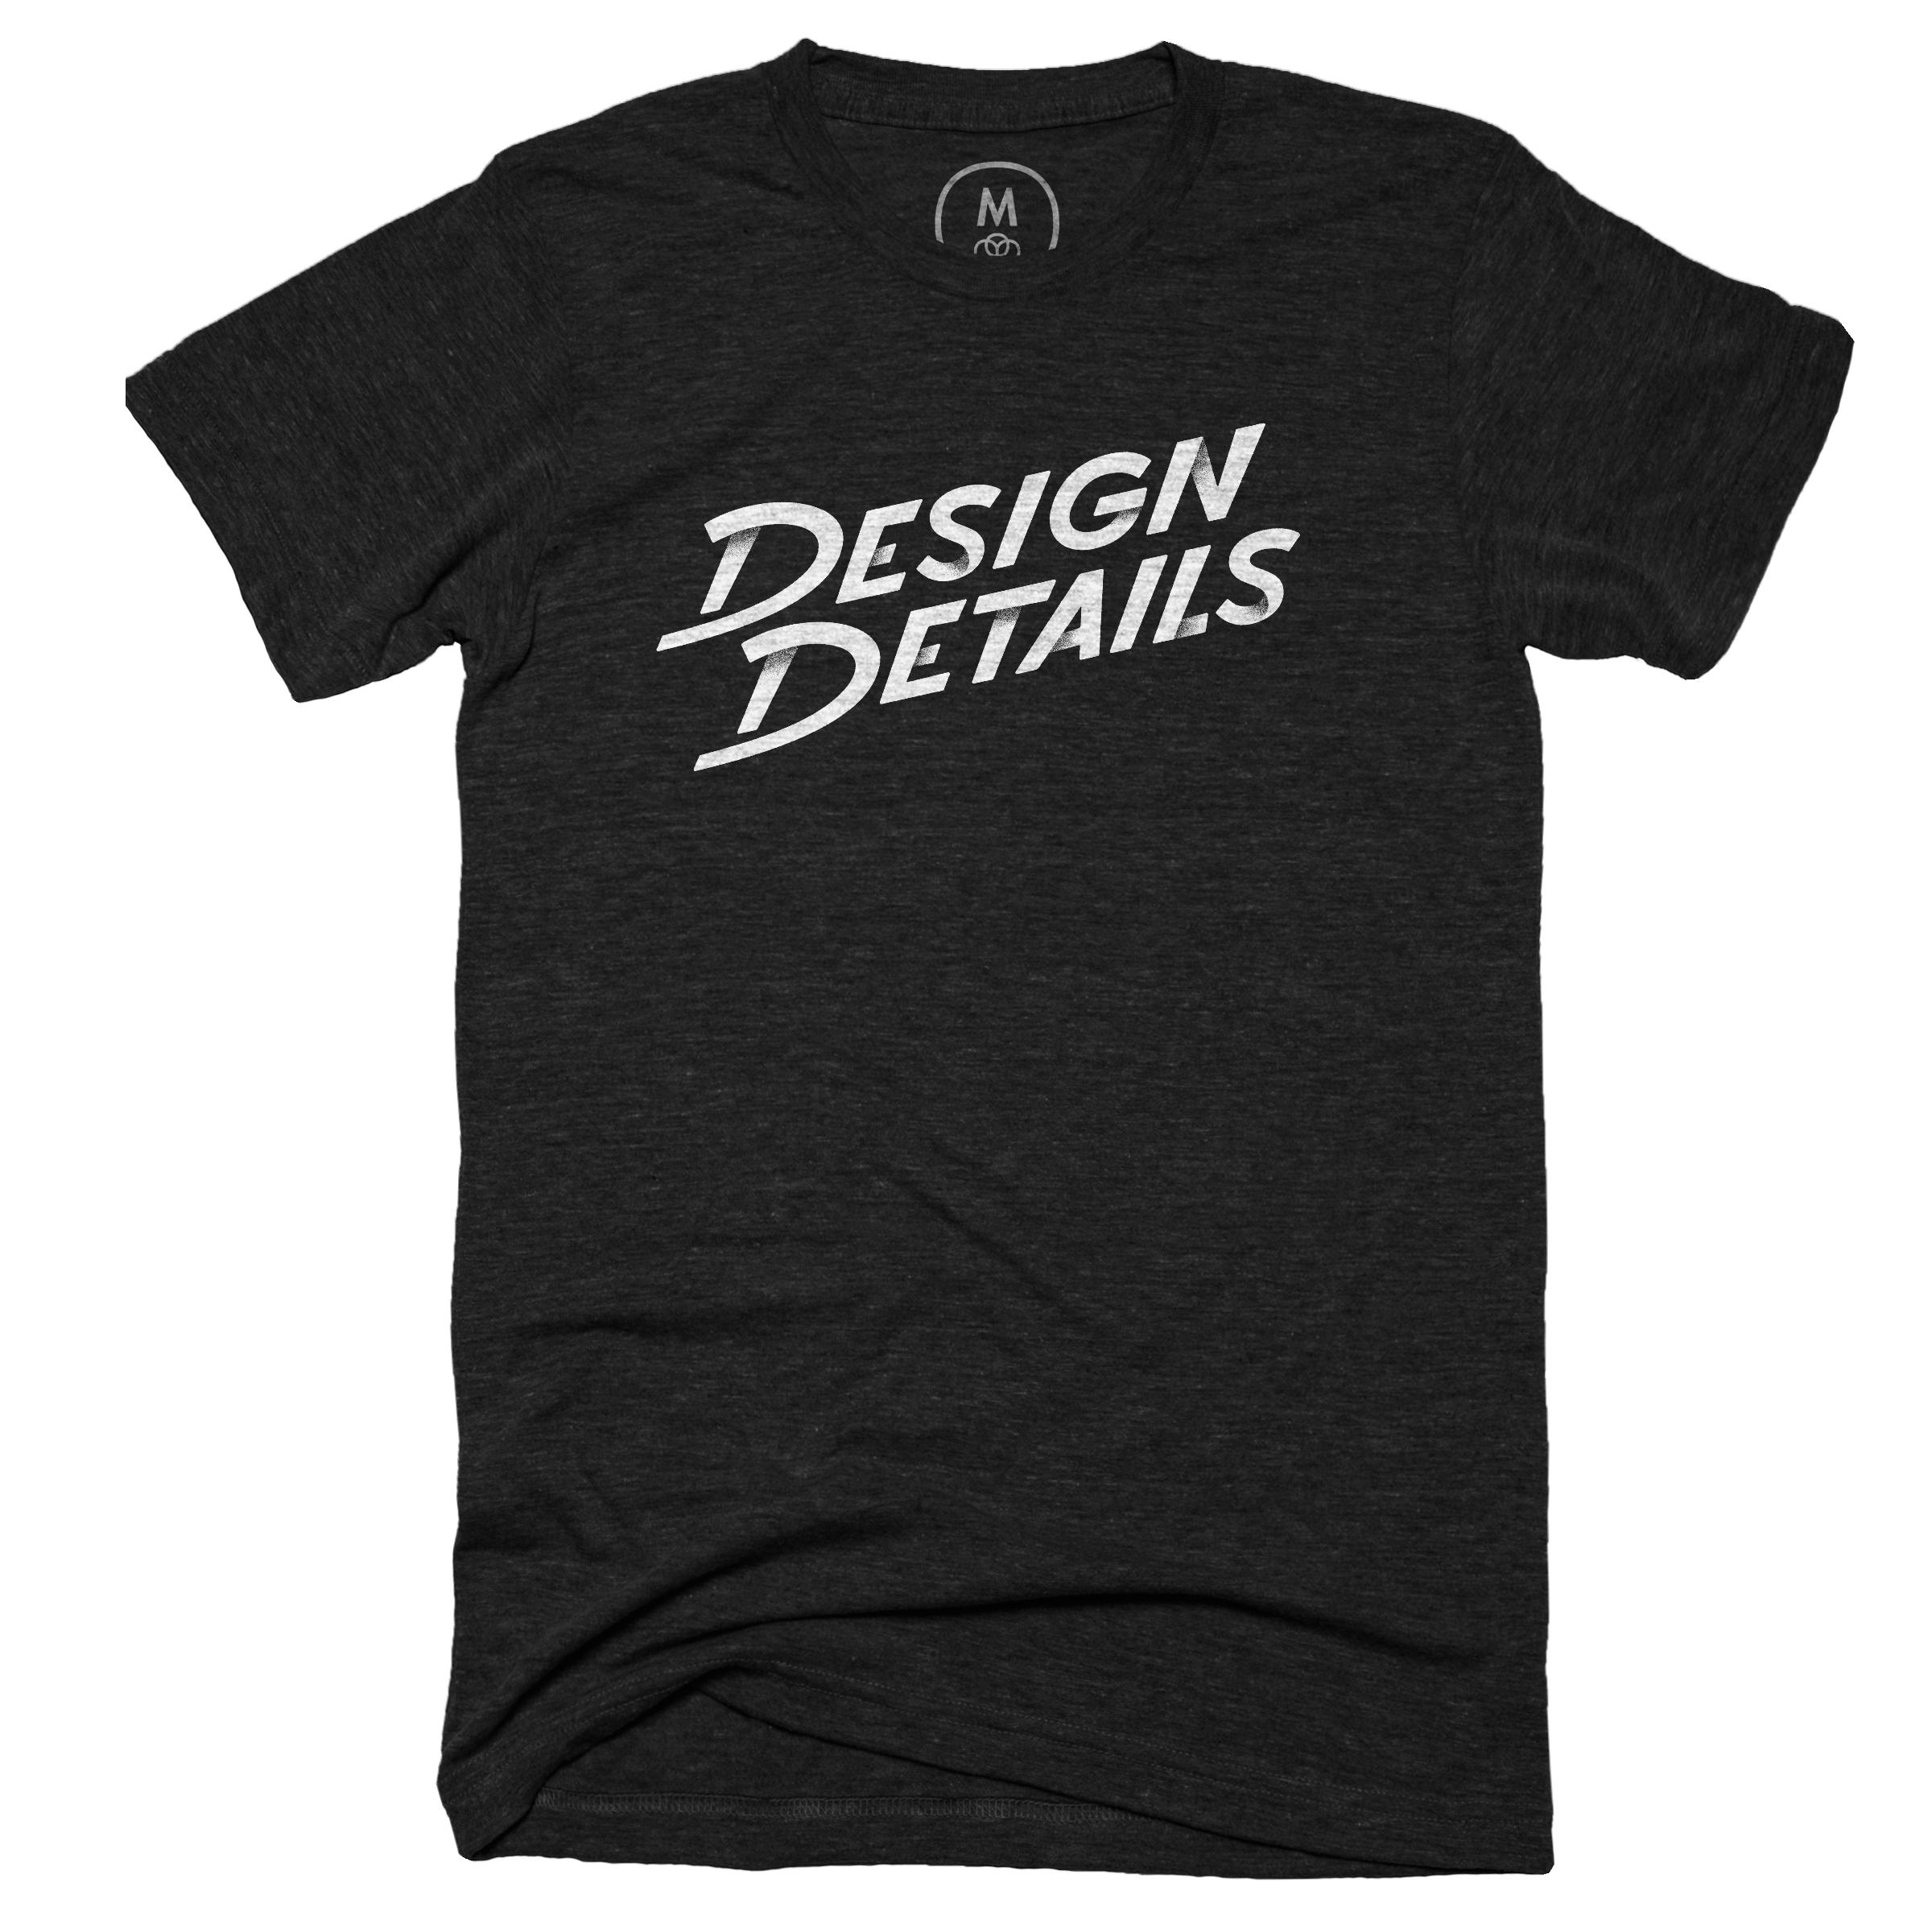 Design Tee-Tails Vintage Black (Men's)